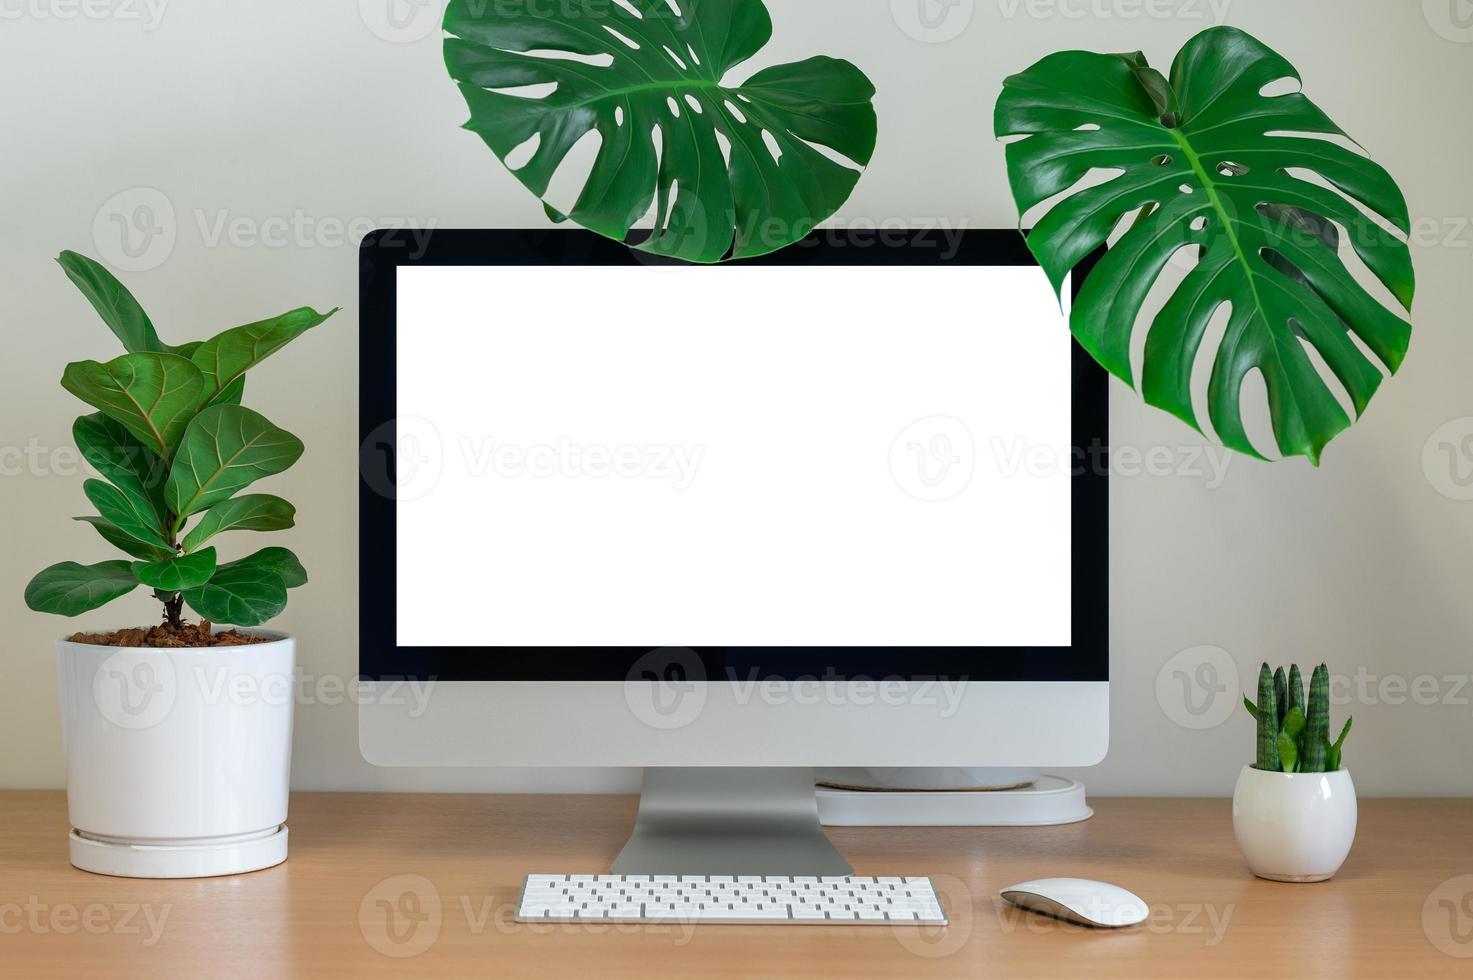 visualização da área de trabalho com teclado e plantas foto